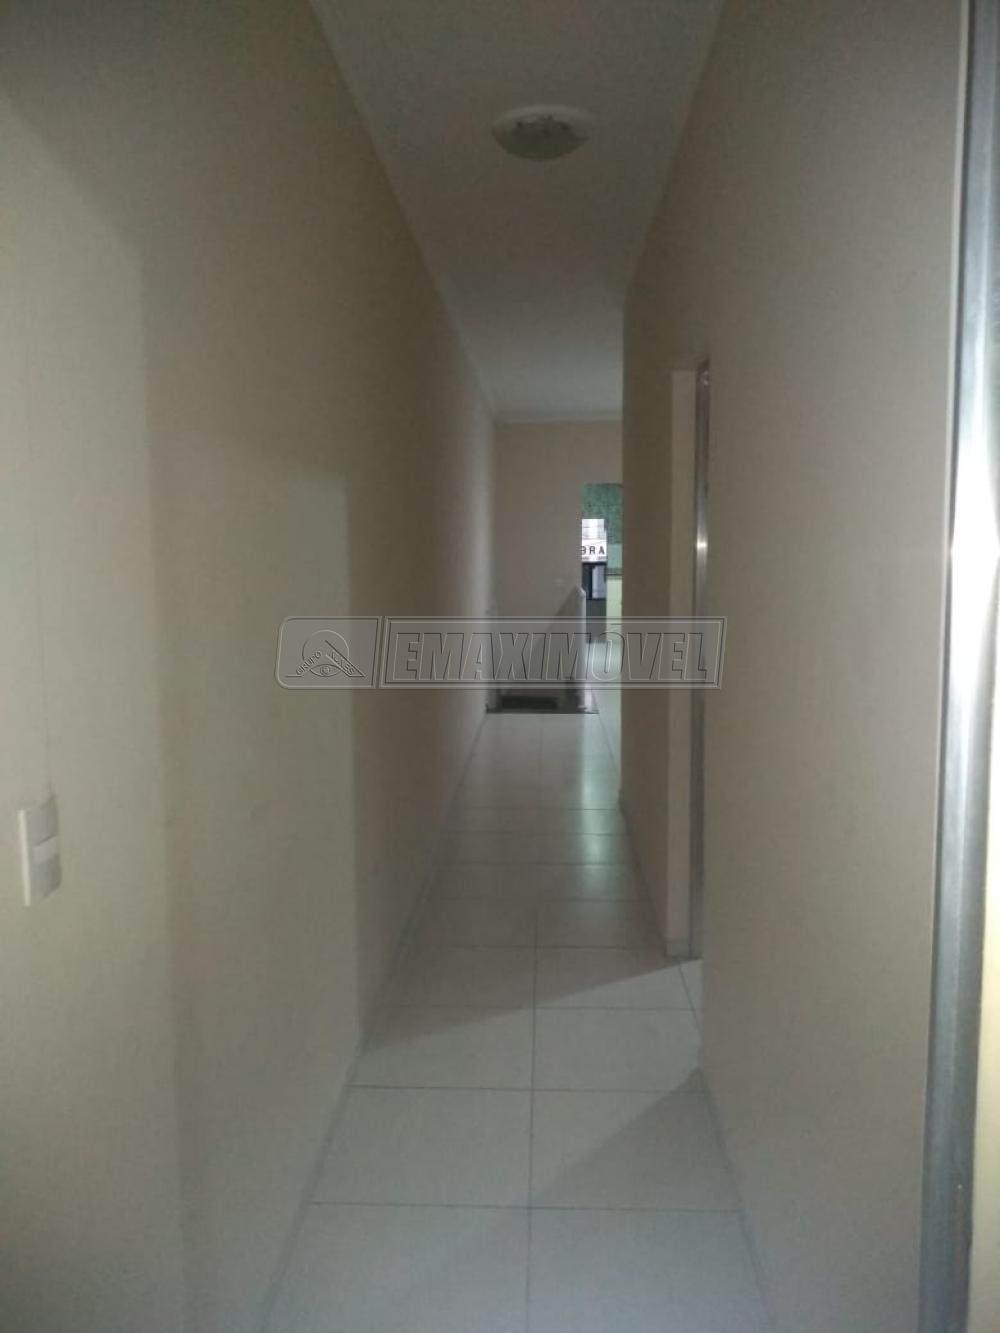 Comprar Casas / em Bairros em Sorocaba apenas R$ 290.000,00 - Foto 12